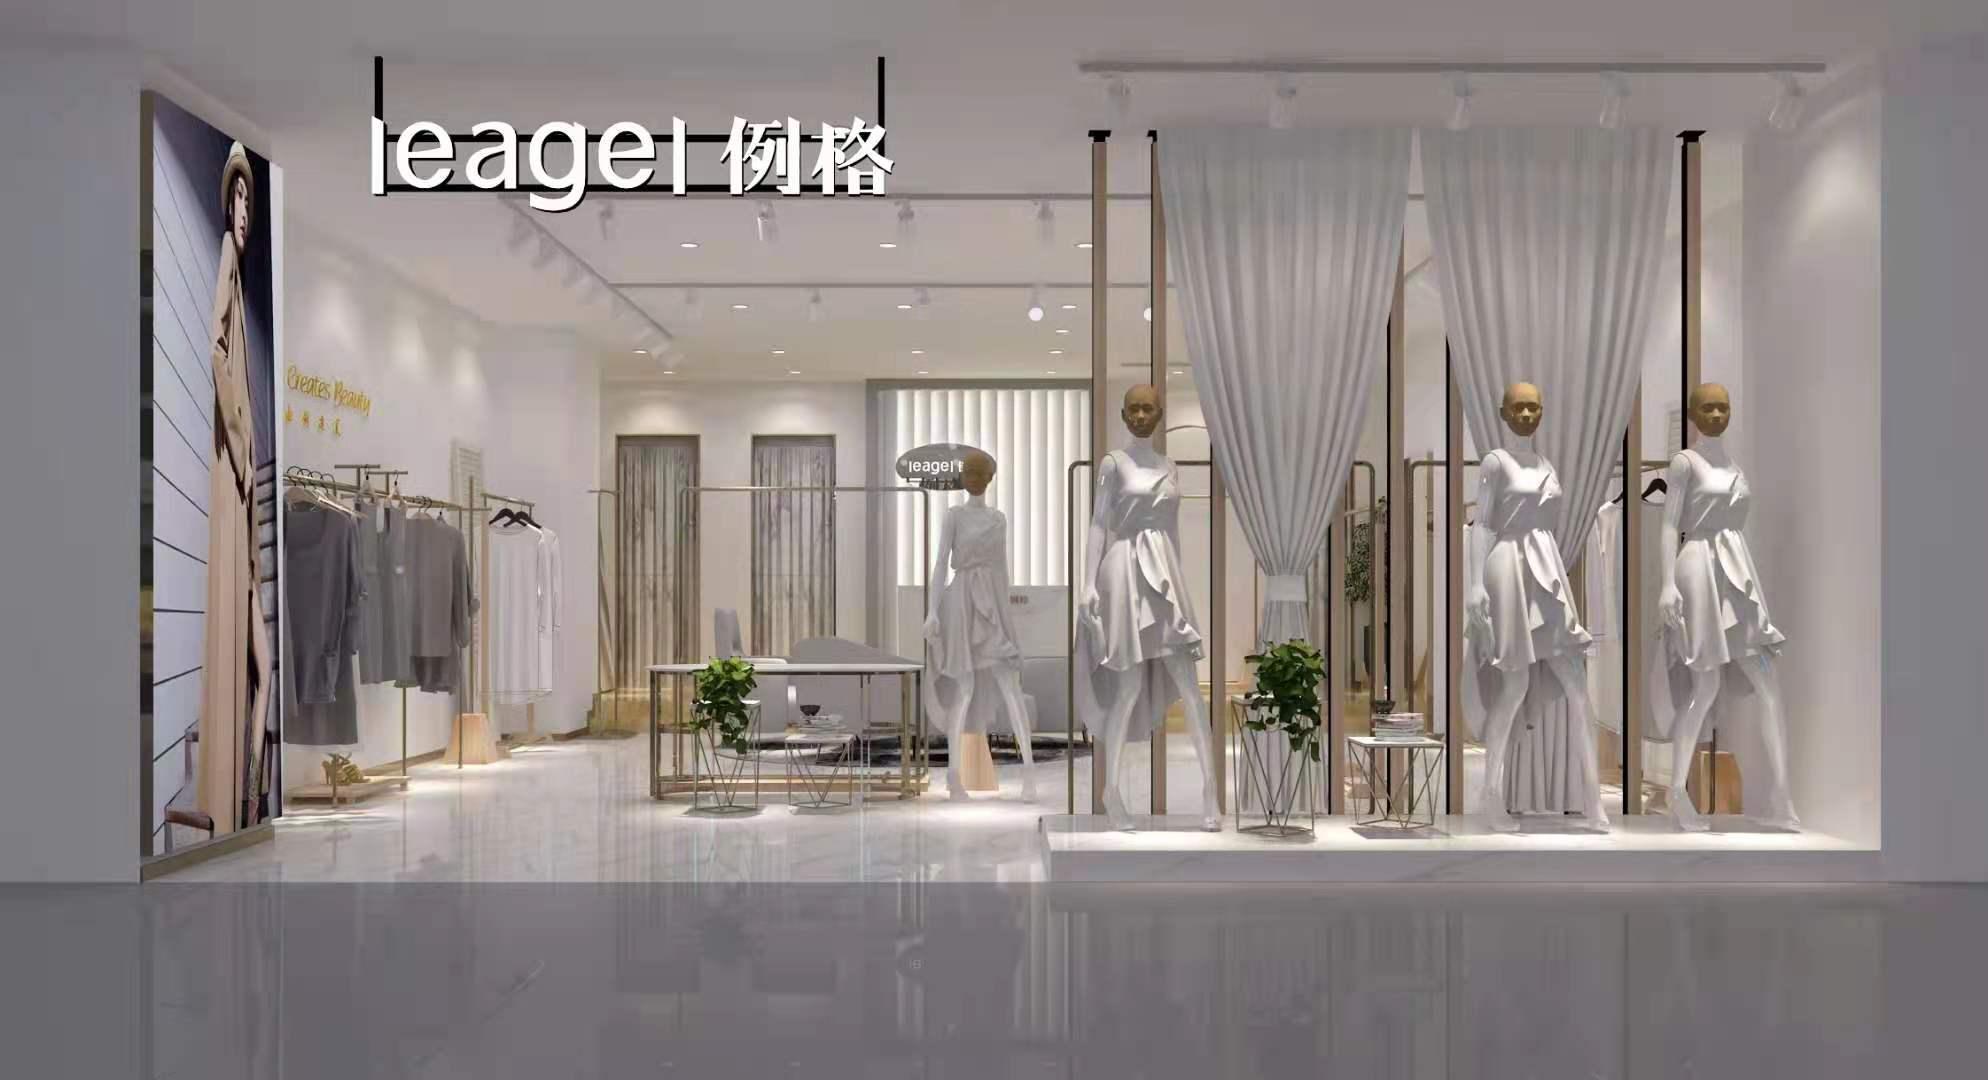 喜讯:例格女装7店将在五一隆重开业,预祝开业大吉,生意兴隆!